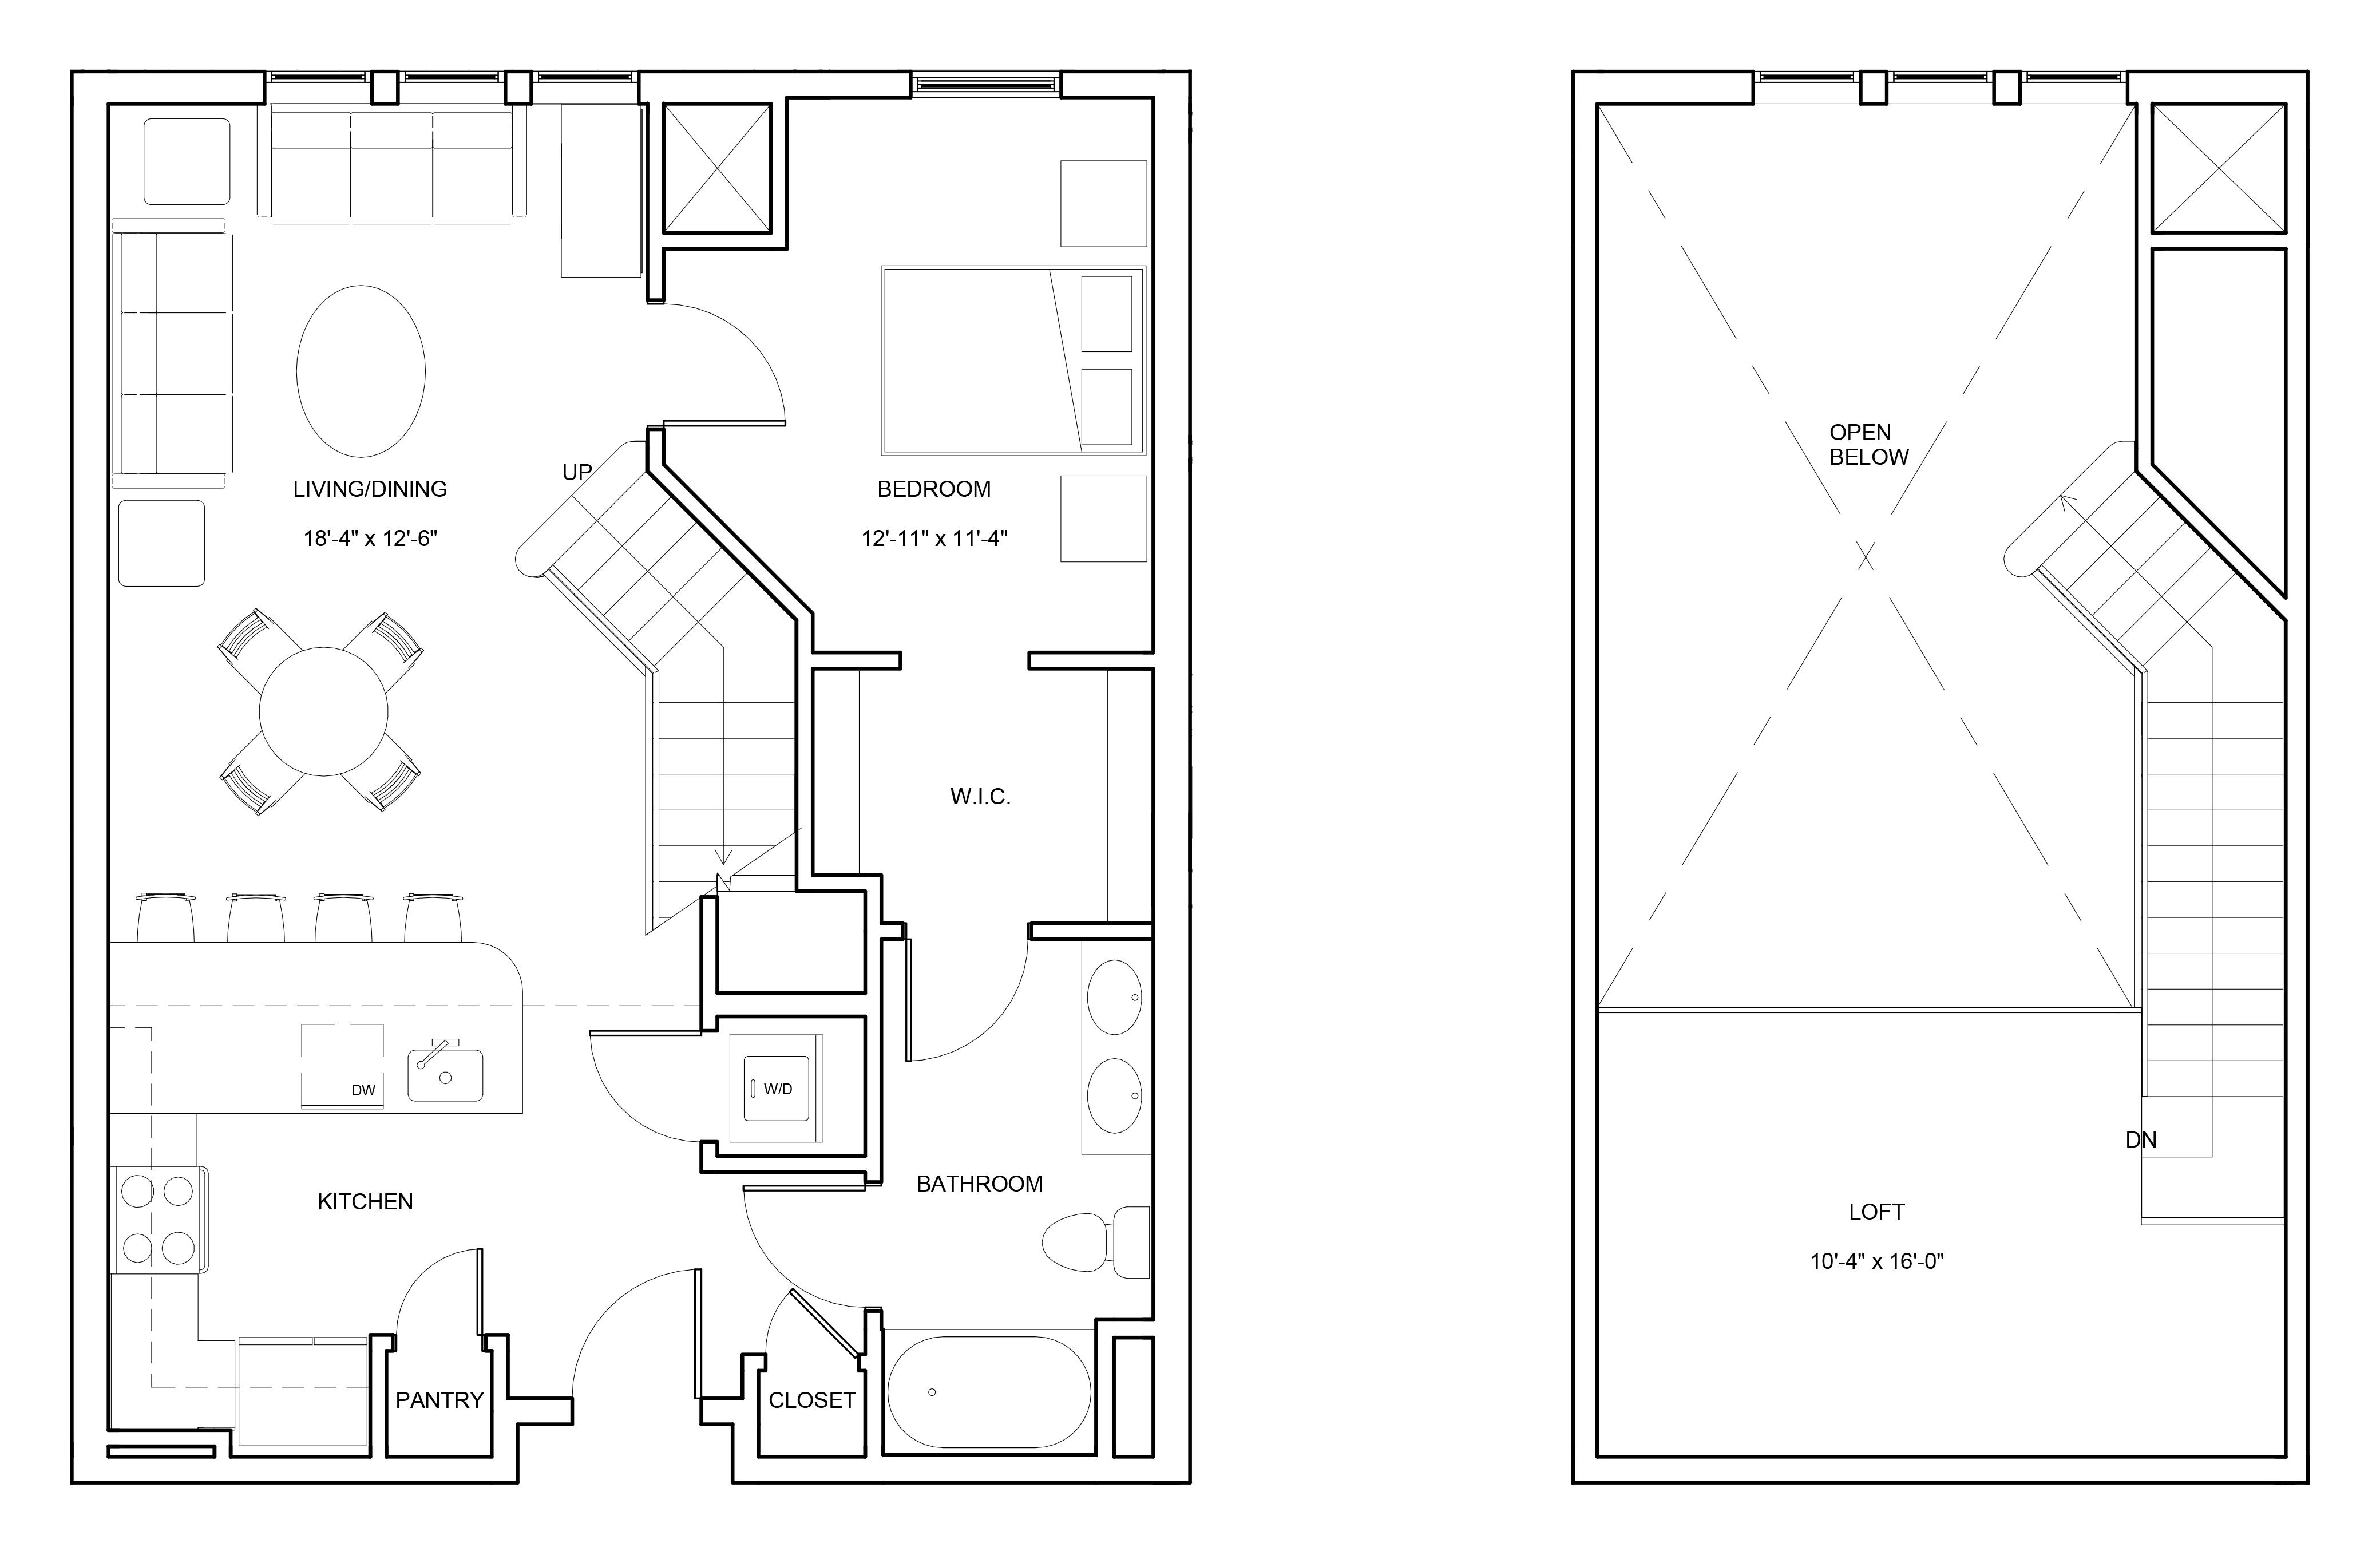 P0663804 a3l 2 floorplan